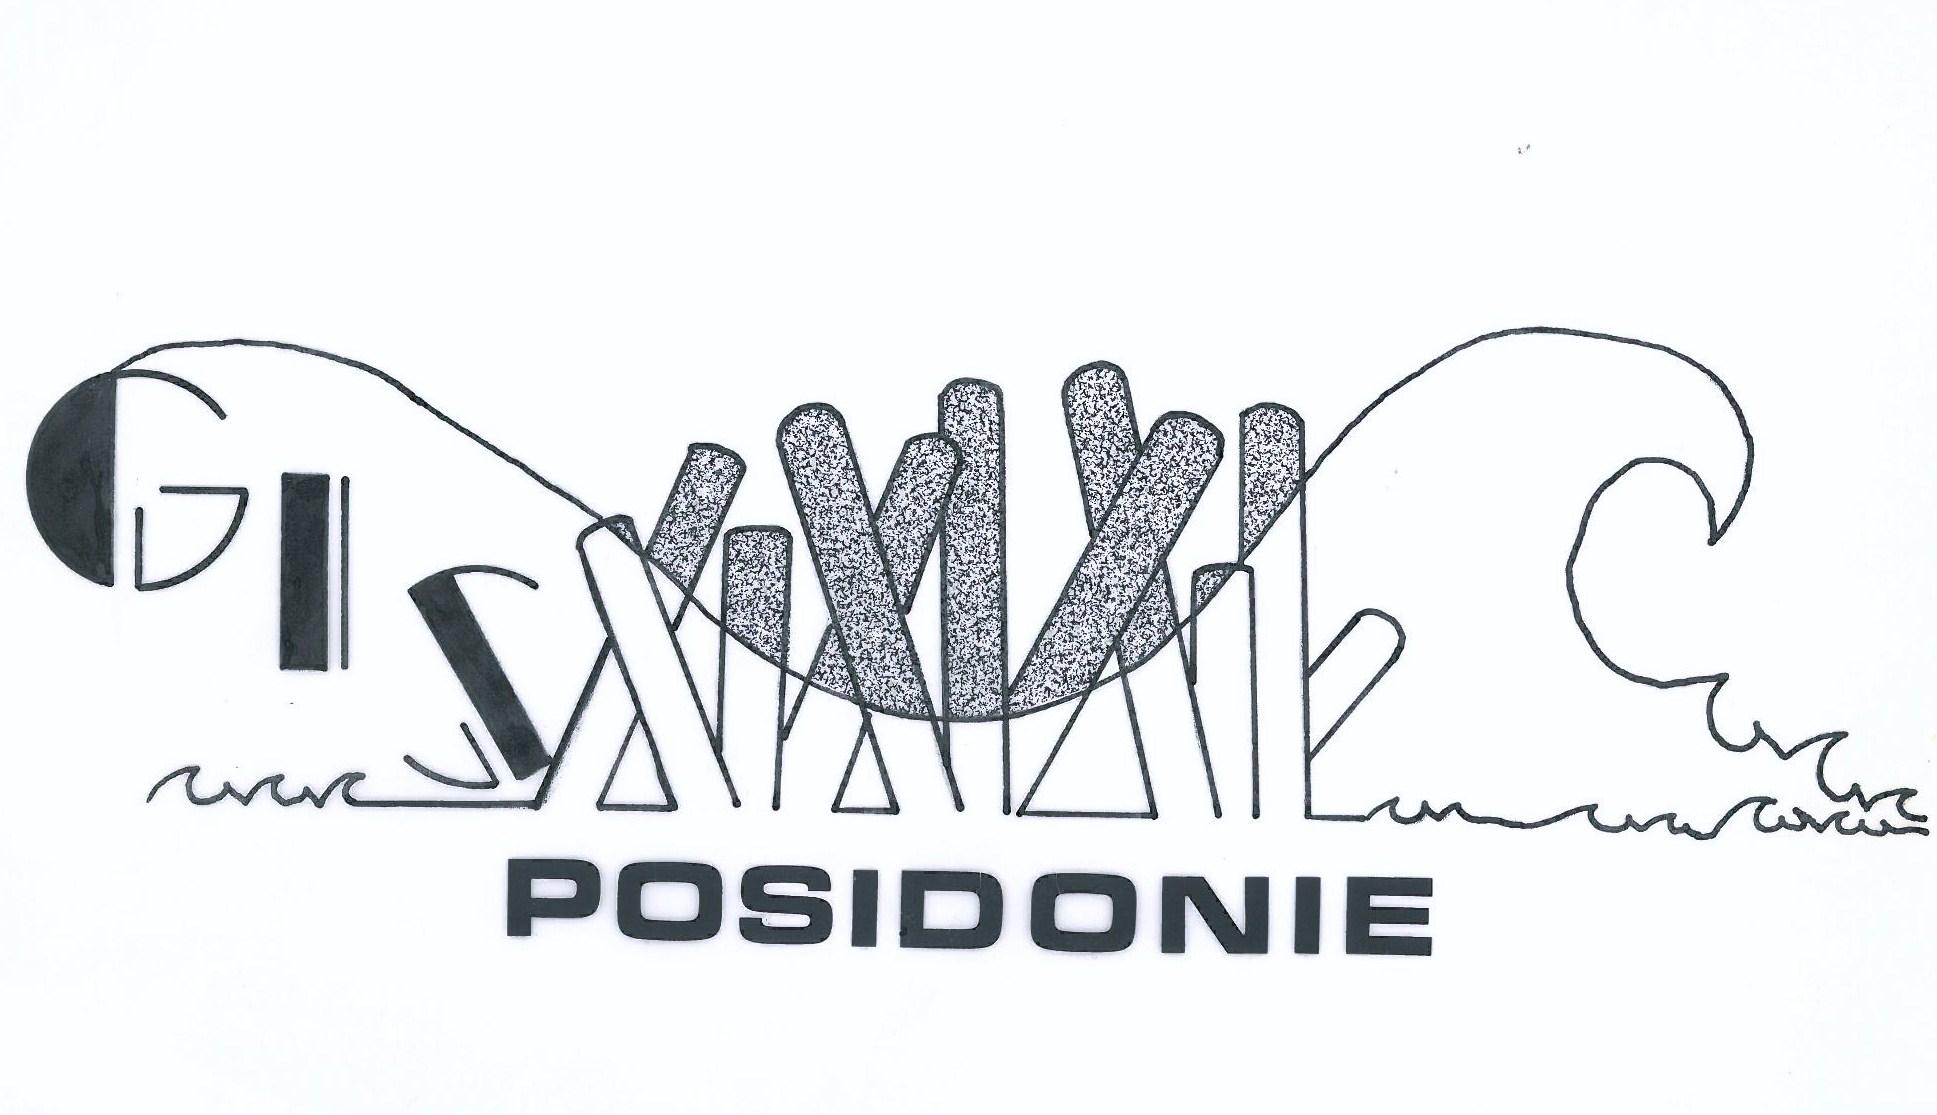 1_Olivier-Jeudy_herbier posidonie_logo1